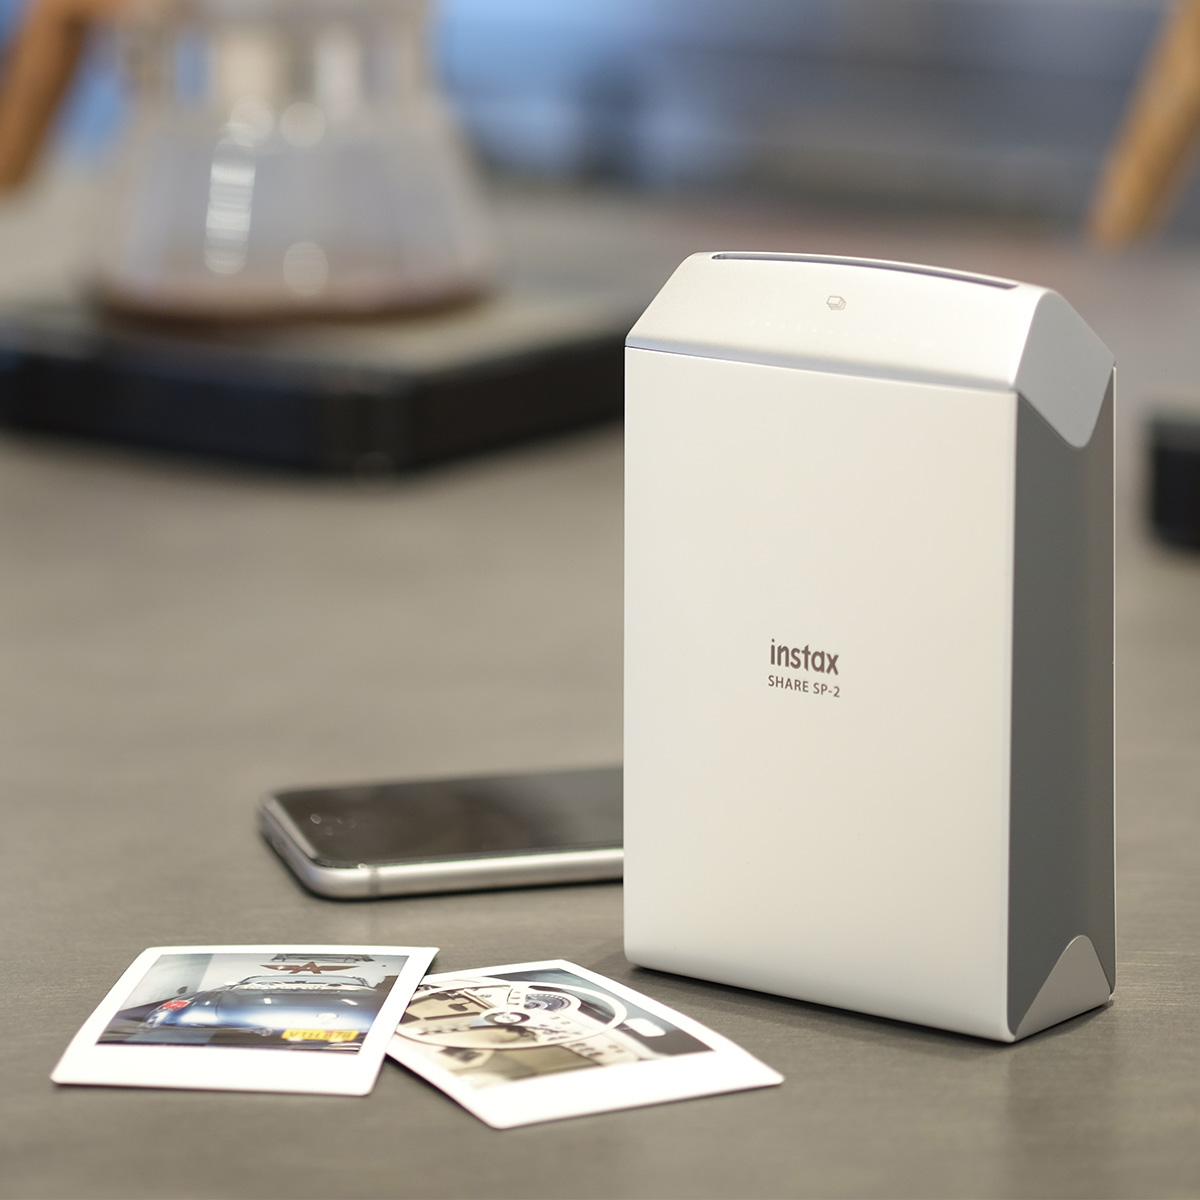 Vorschaubild von Fujifilm Instax Share SP-2 Fotodrucker für Smartphones